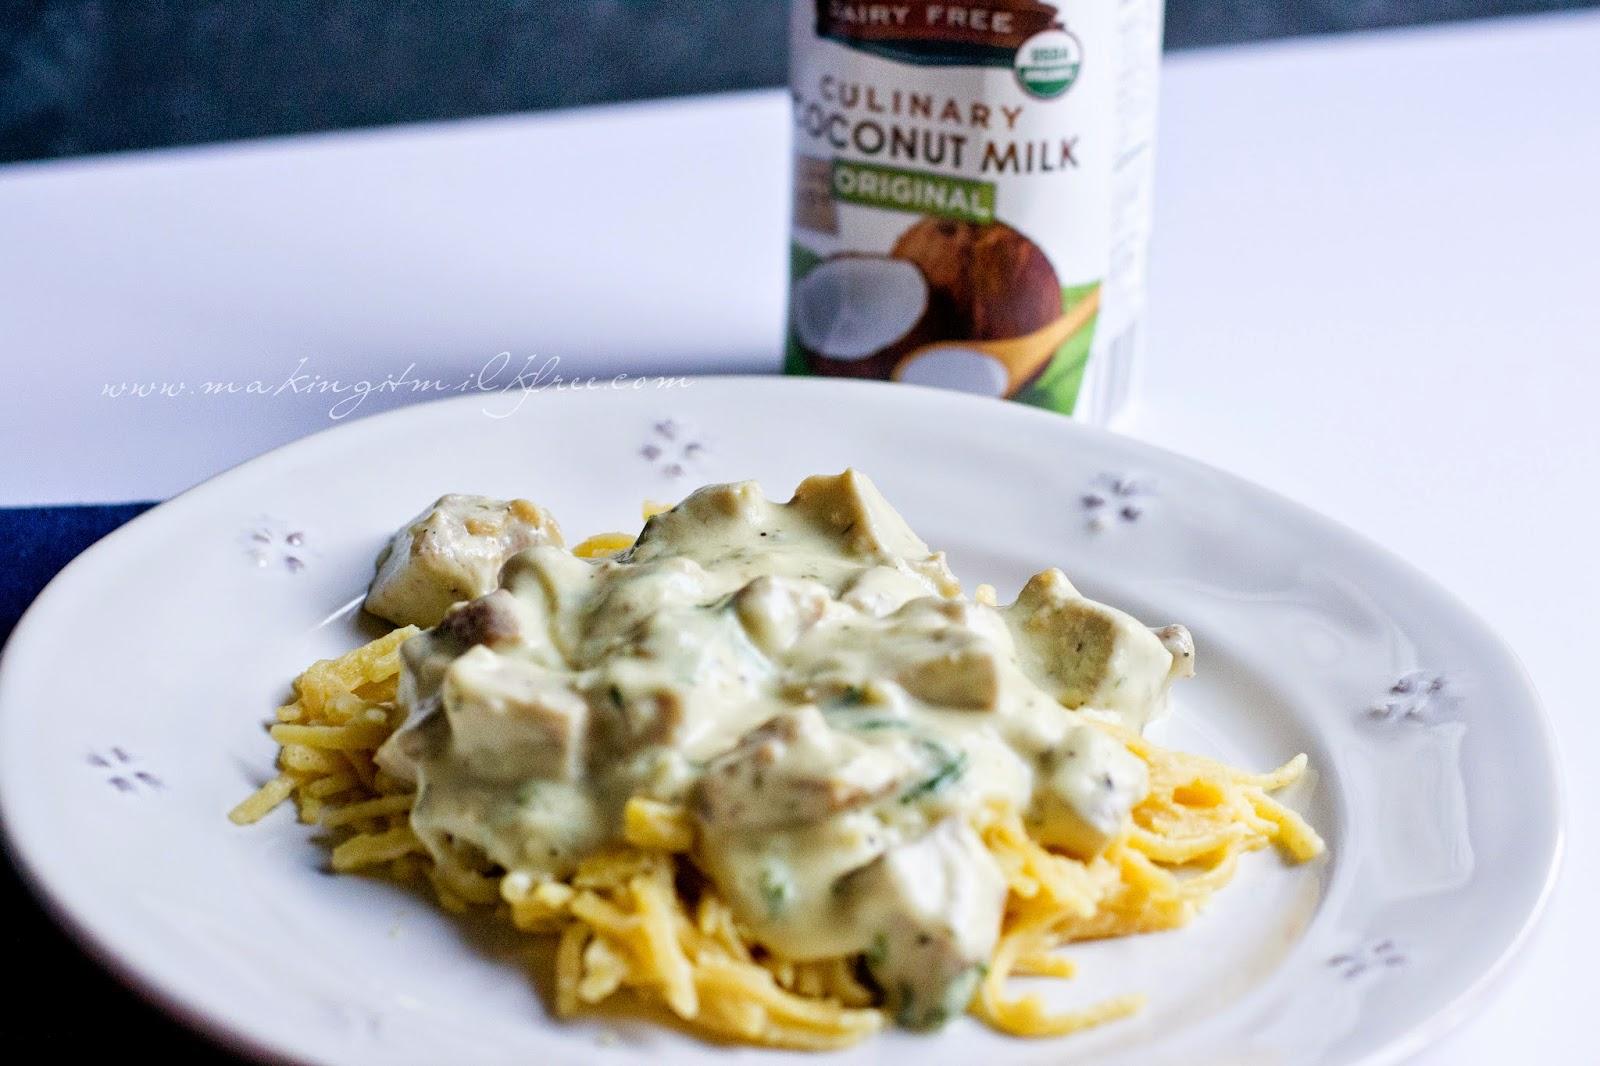 #dairyfree #glutenfree #chicken #pasta #alfredo